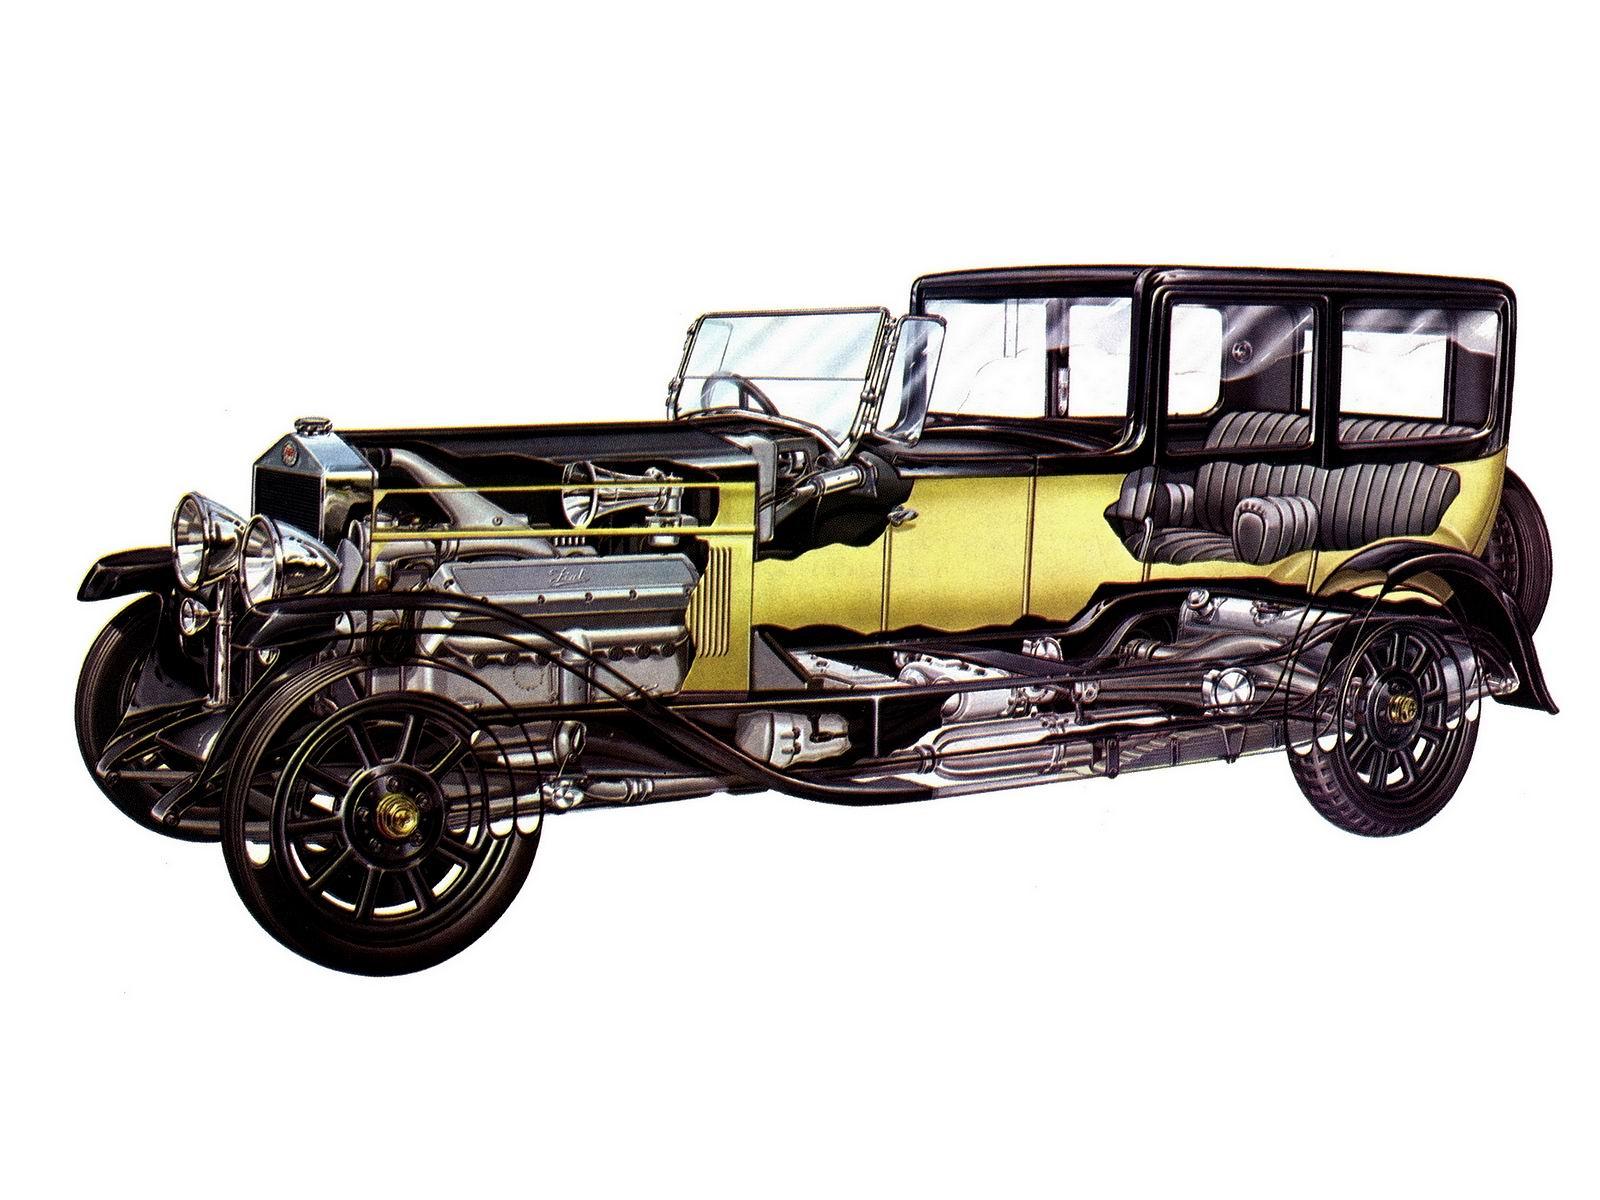 Coppia Set Fari Fanali posteriori Tuning FIAT SEICENTO 600 1998-2010 Nero lexus